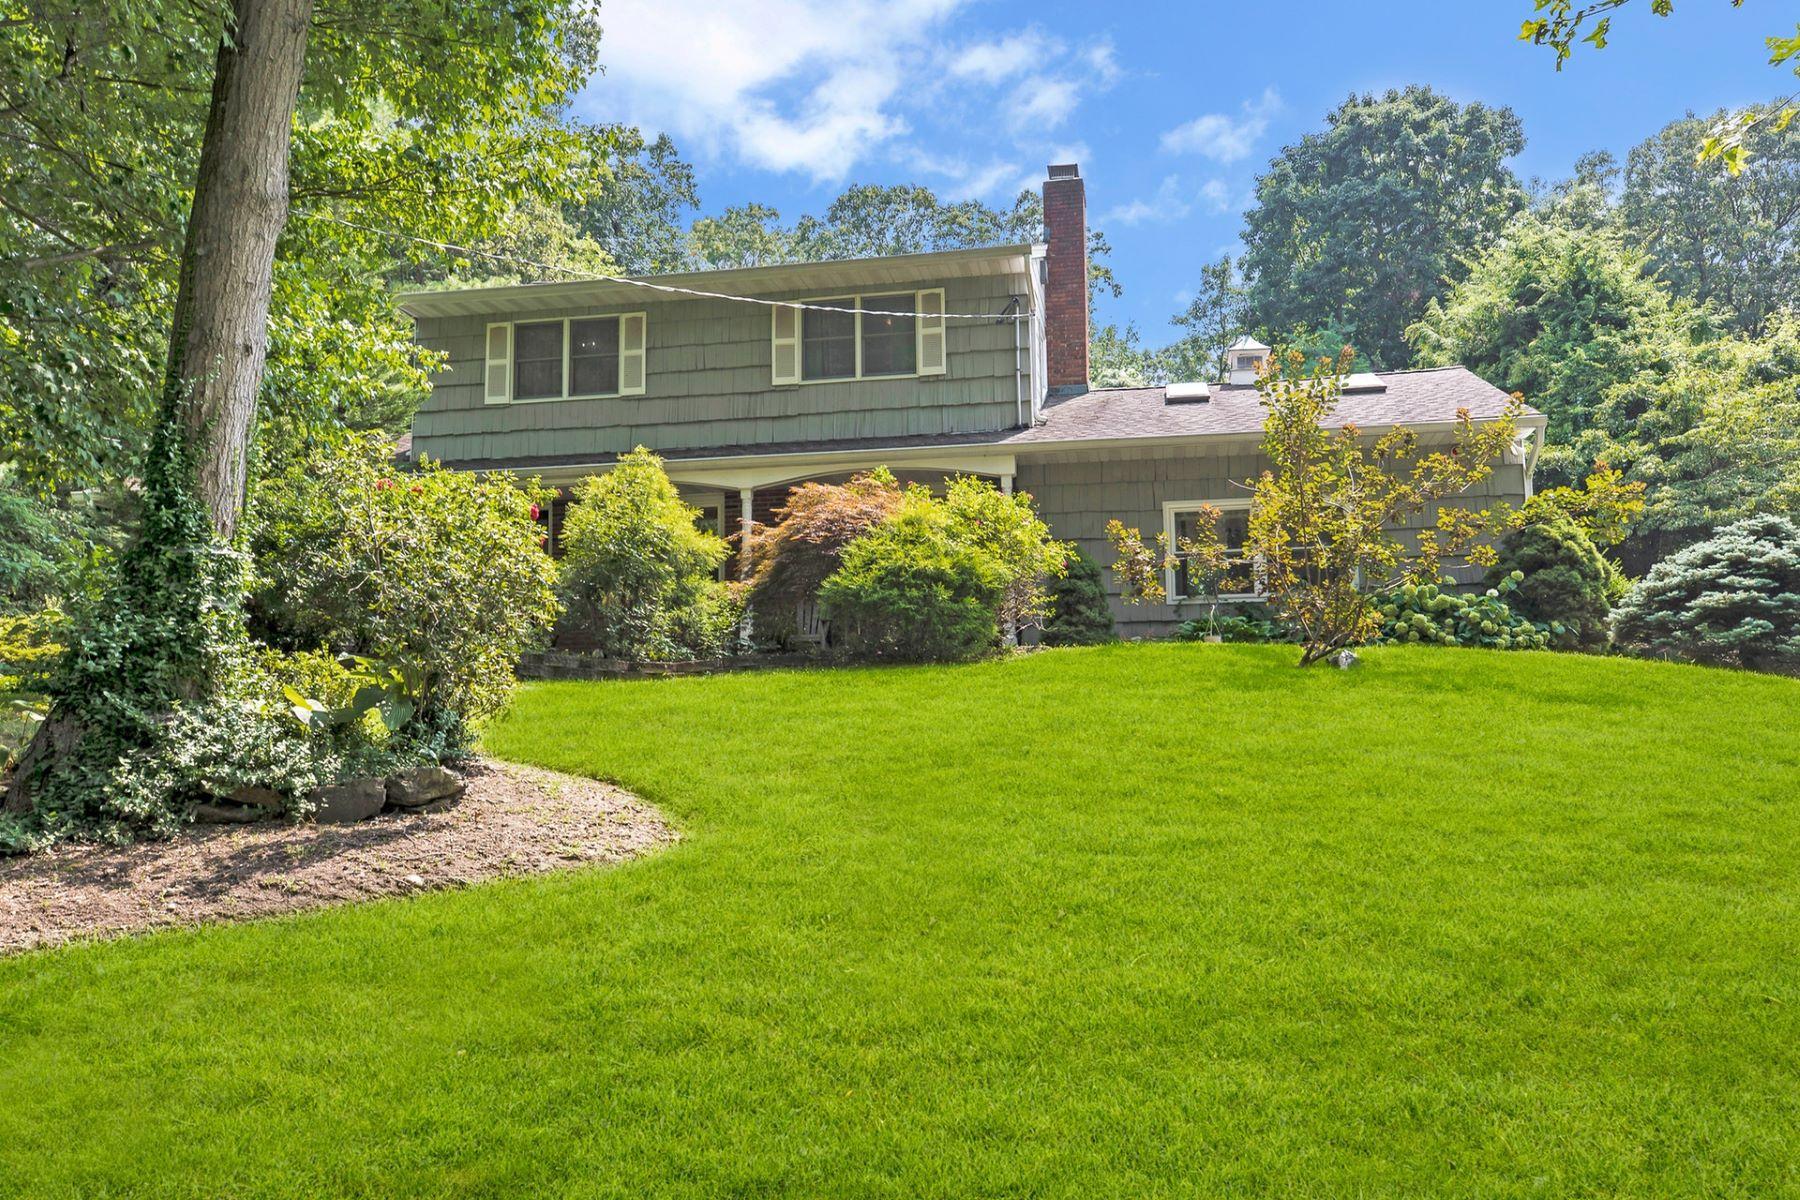 Single Family Homes für Verkauf beim Dix Hills 18 Villanova Ln, Dix Hills, New York 11746 Vereinigte Staaten